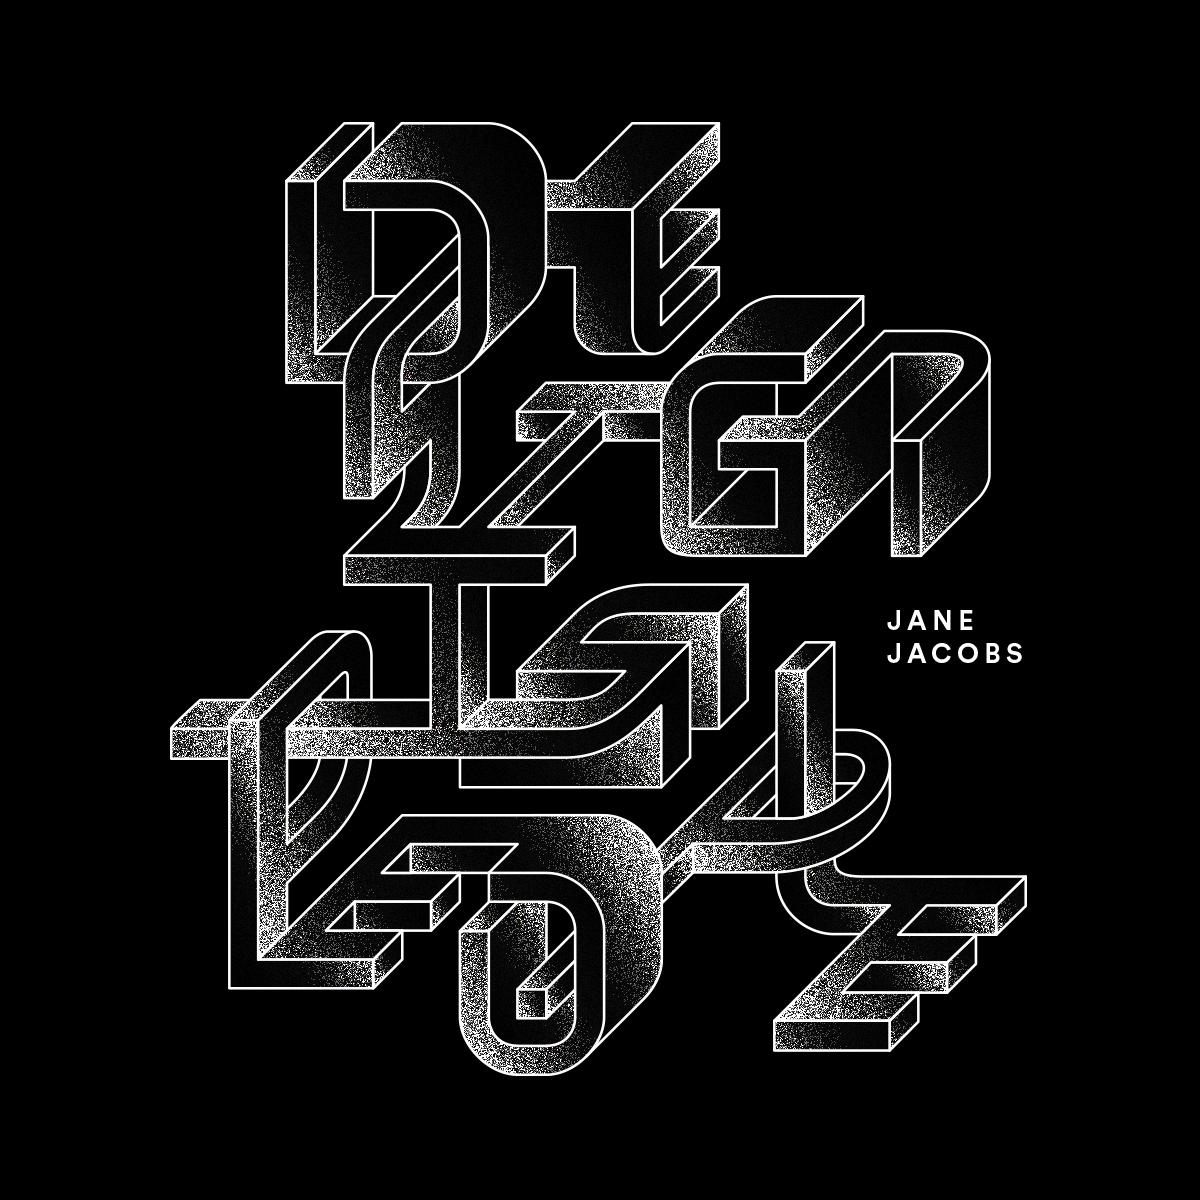 5_Designispeople_JANE_JACOBS.jpg